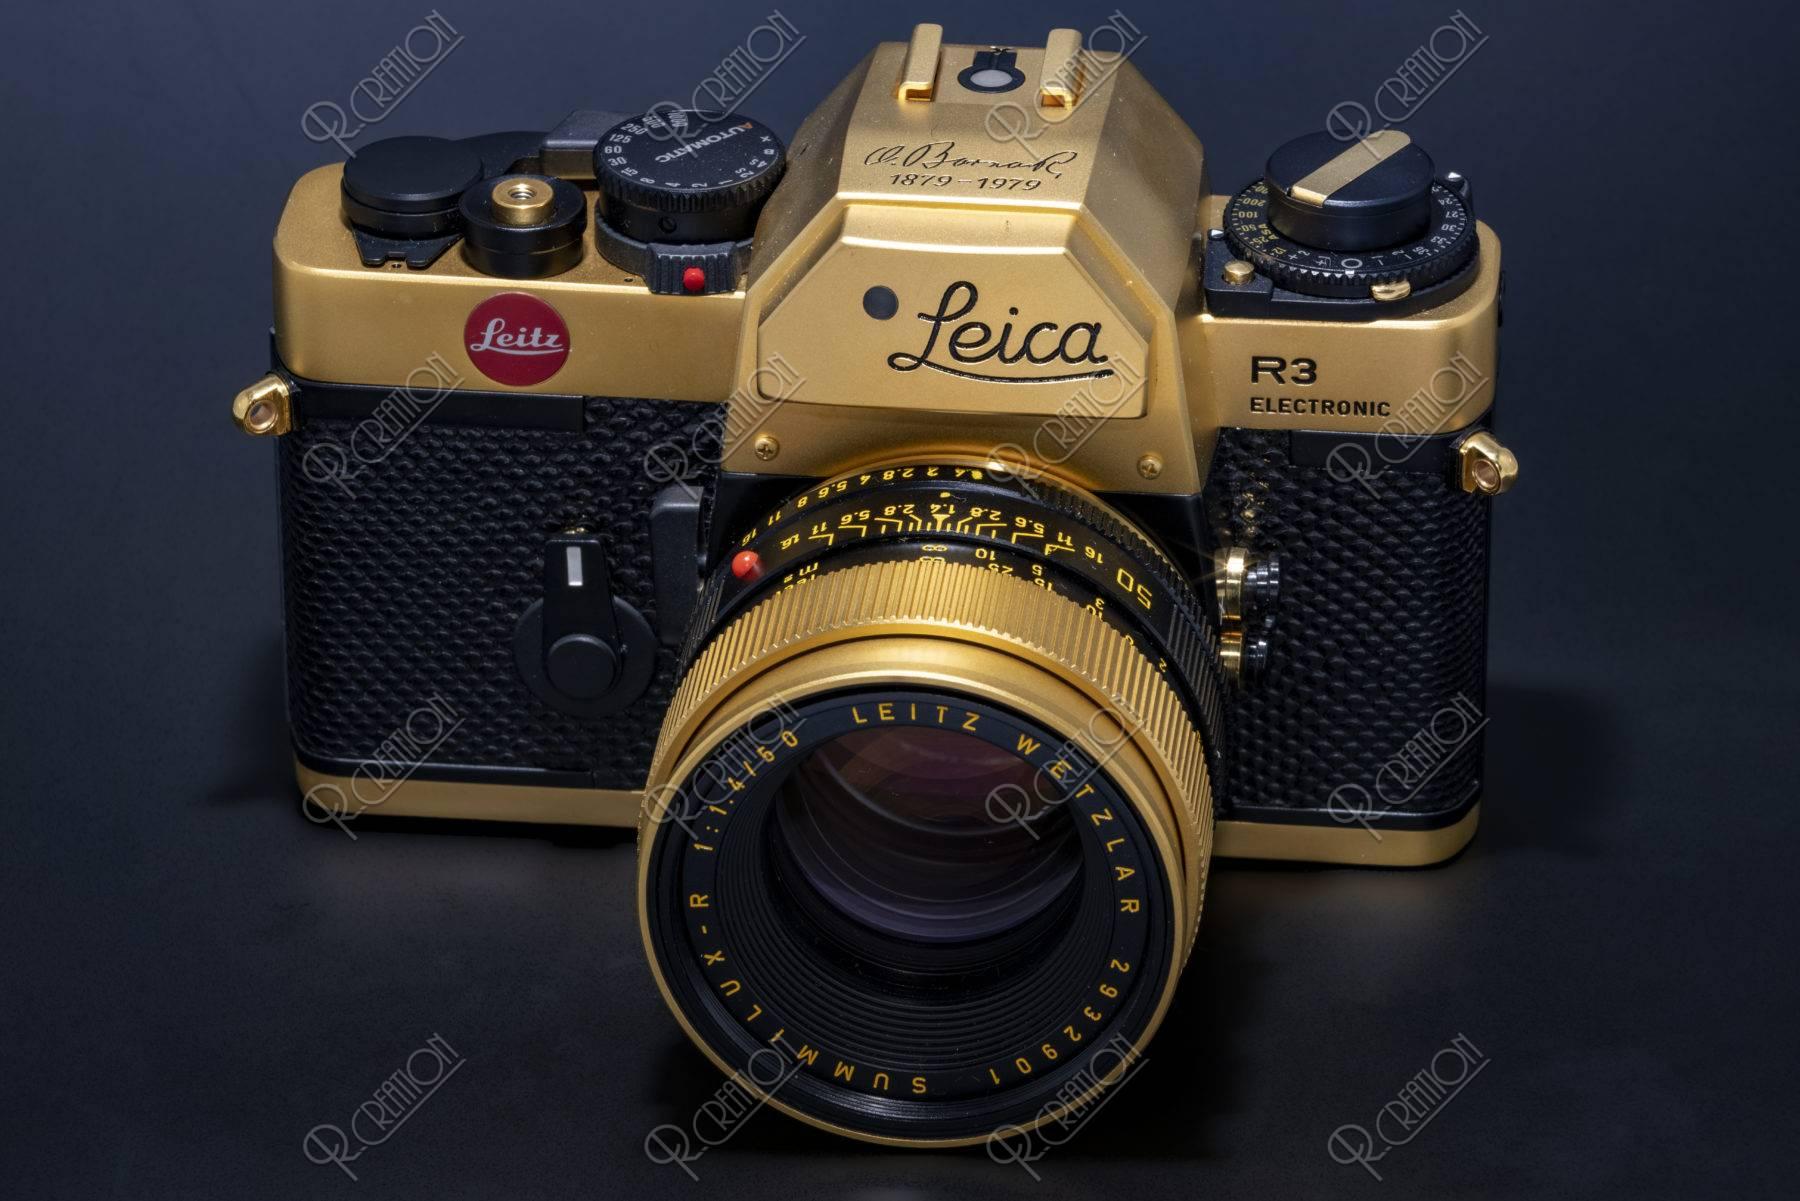 ゴールドライカ R3